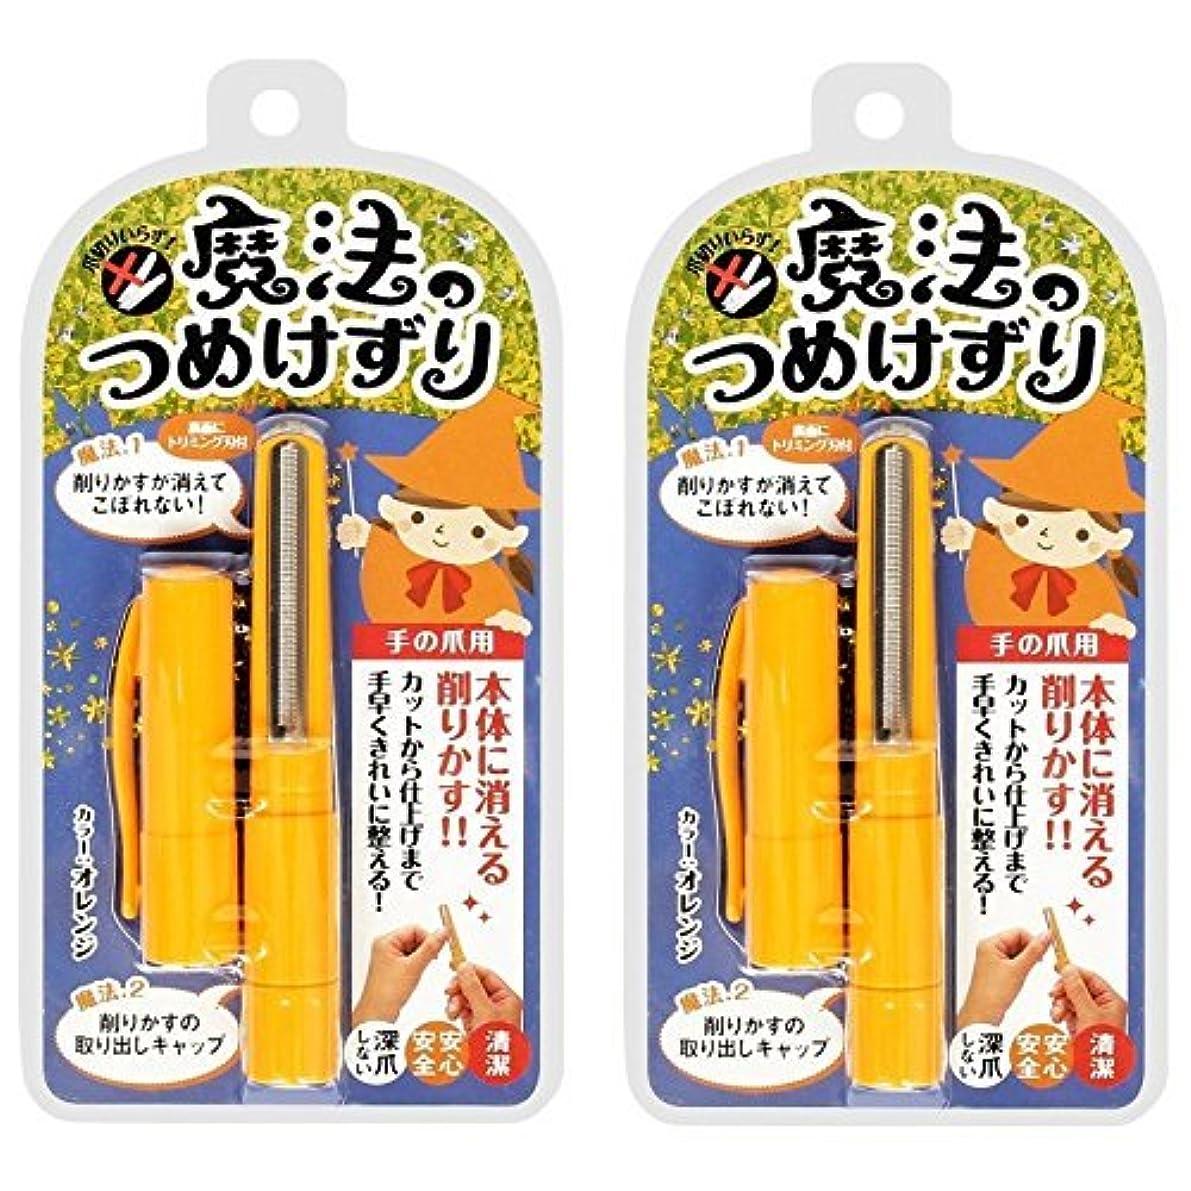 増強検証熟読する【セット品】松本金型 魔法のつめけずり MM-090 オレンジ ×2個